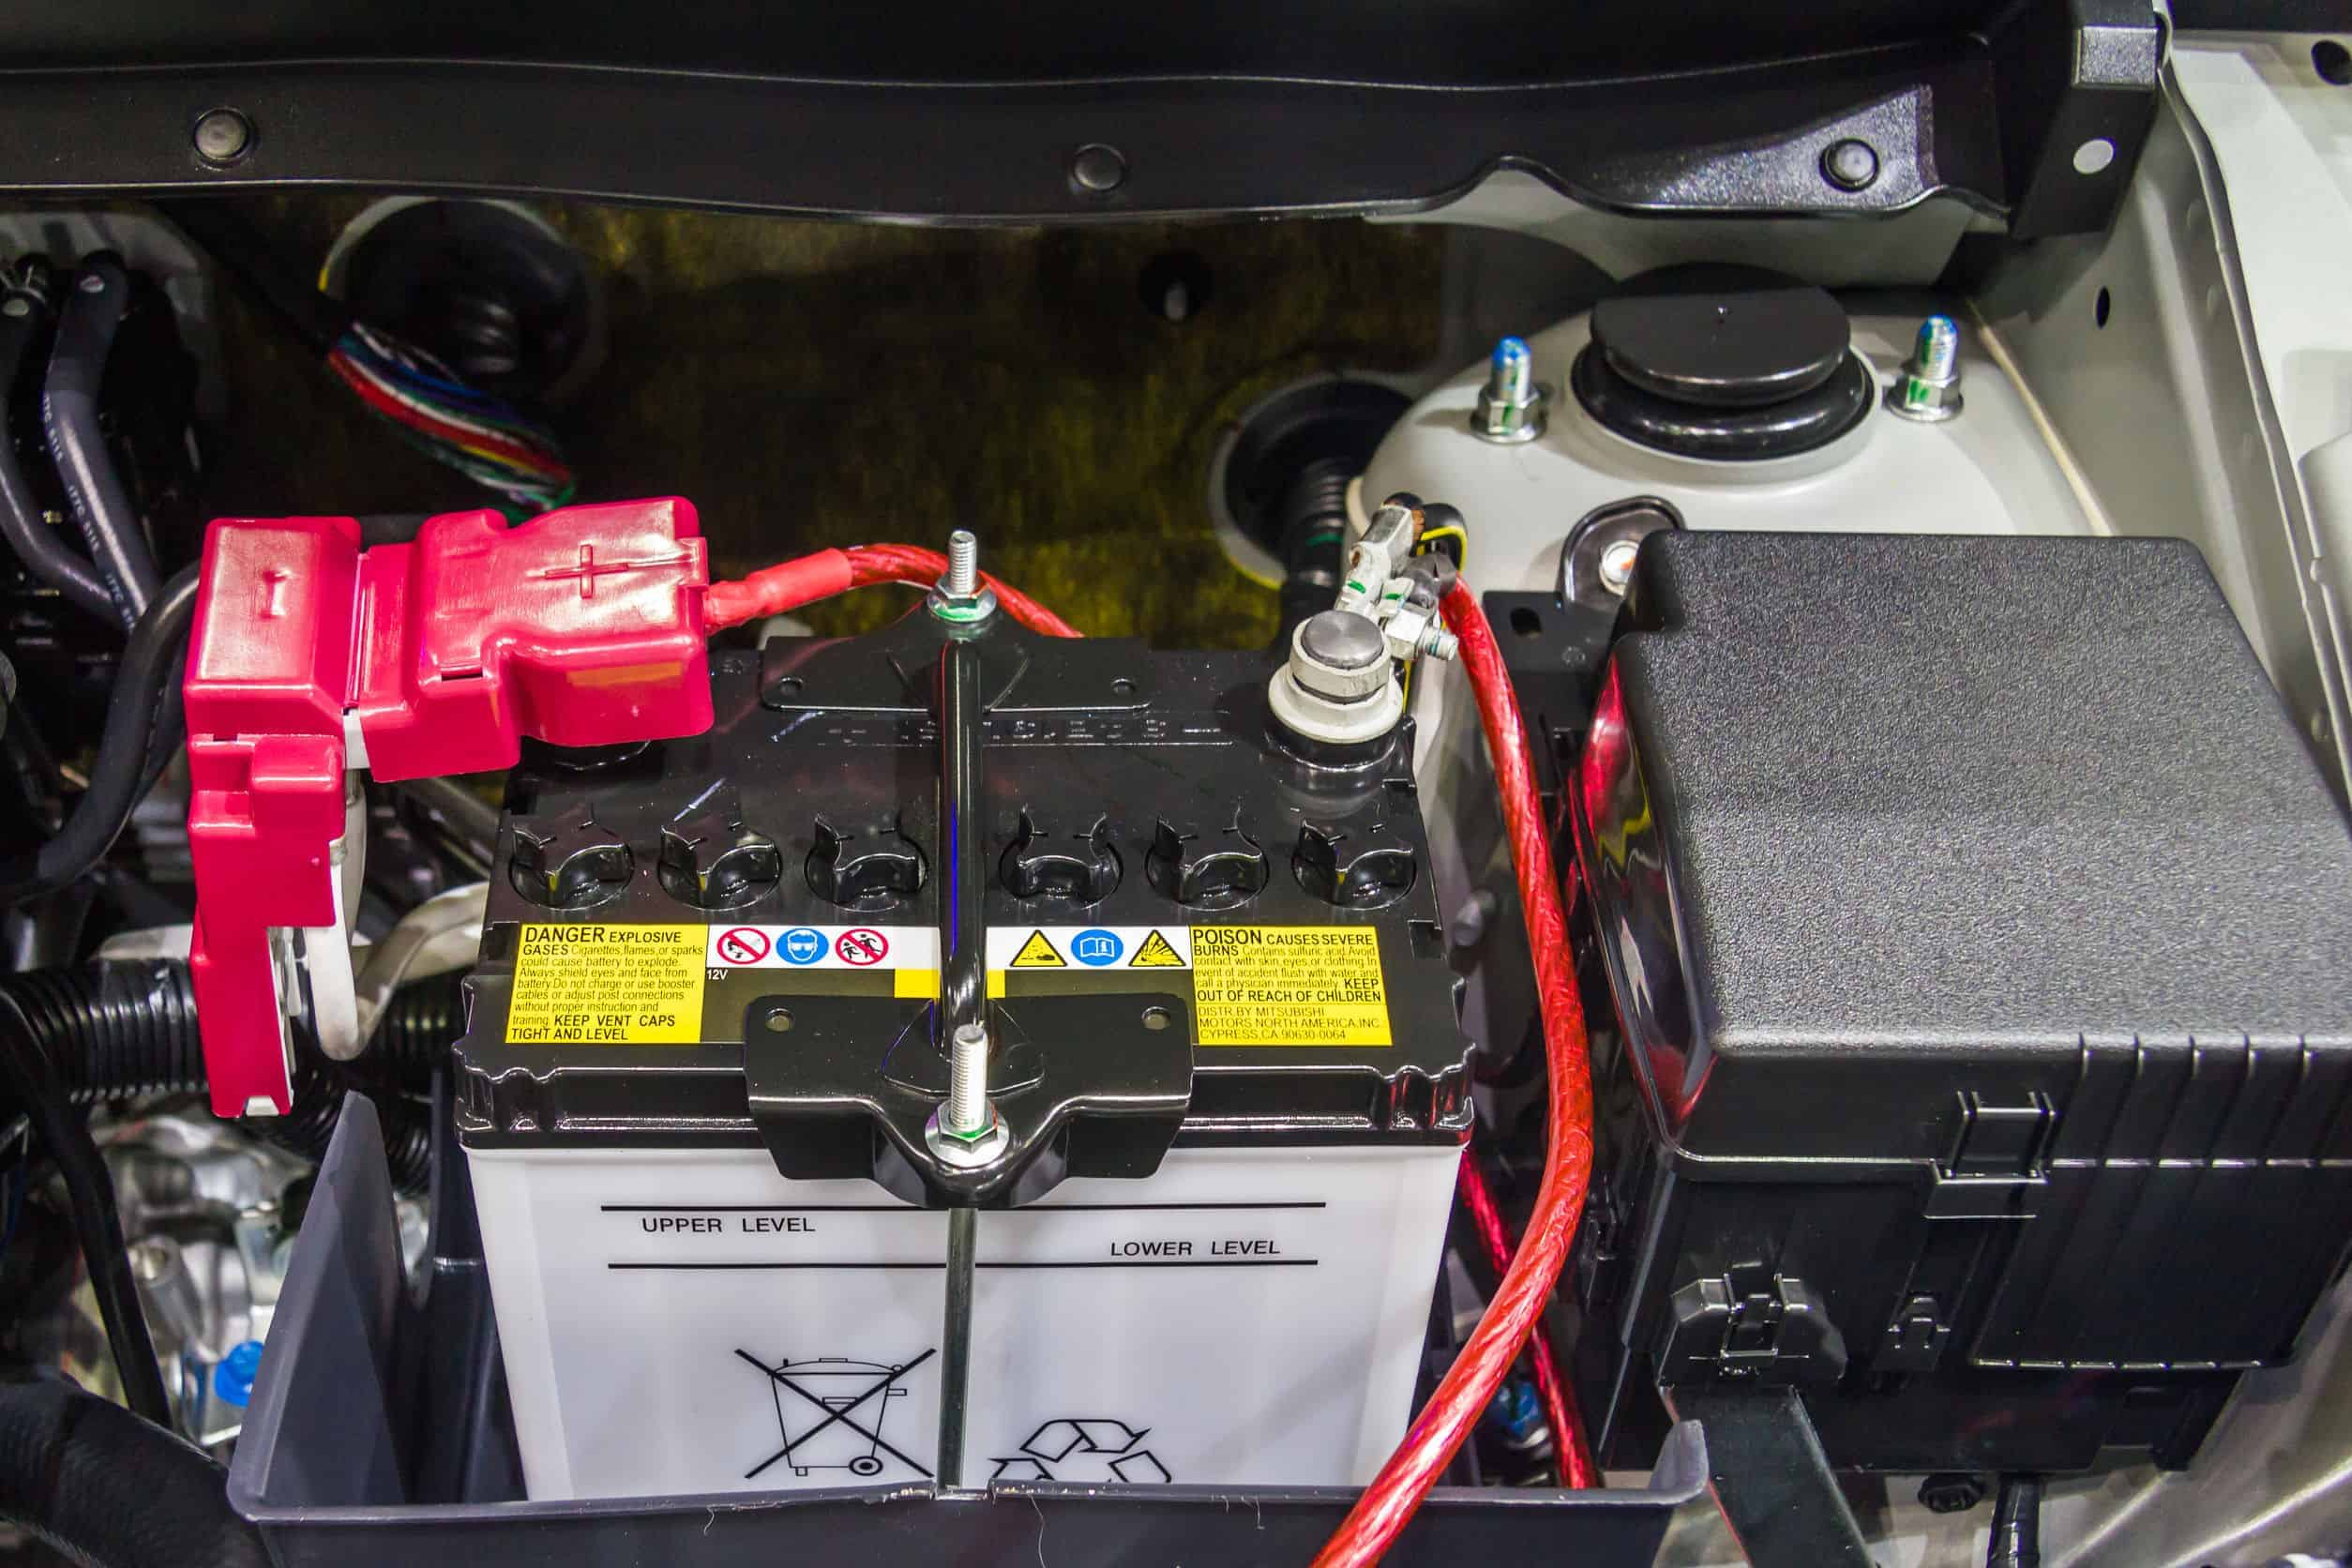 Autobatterie: Test & Empfehlungen (02/21)